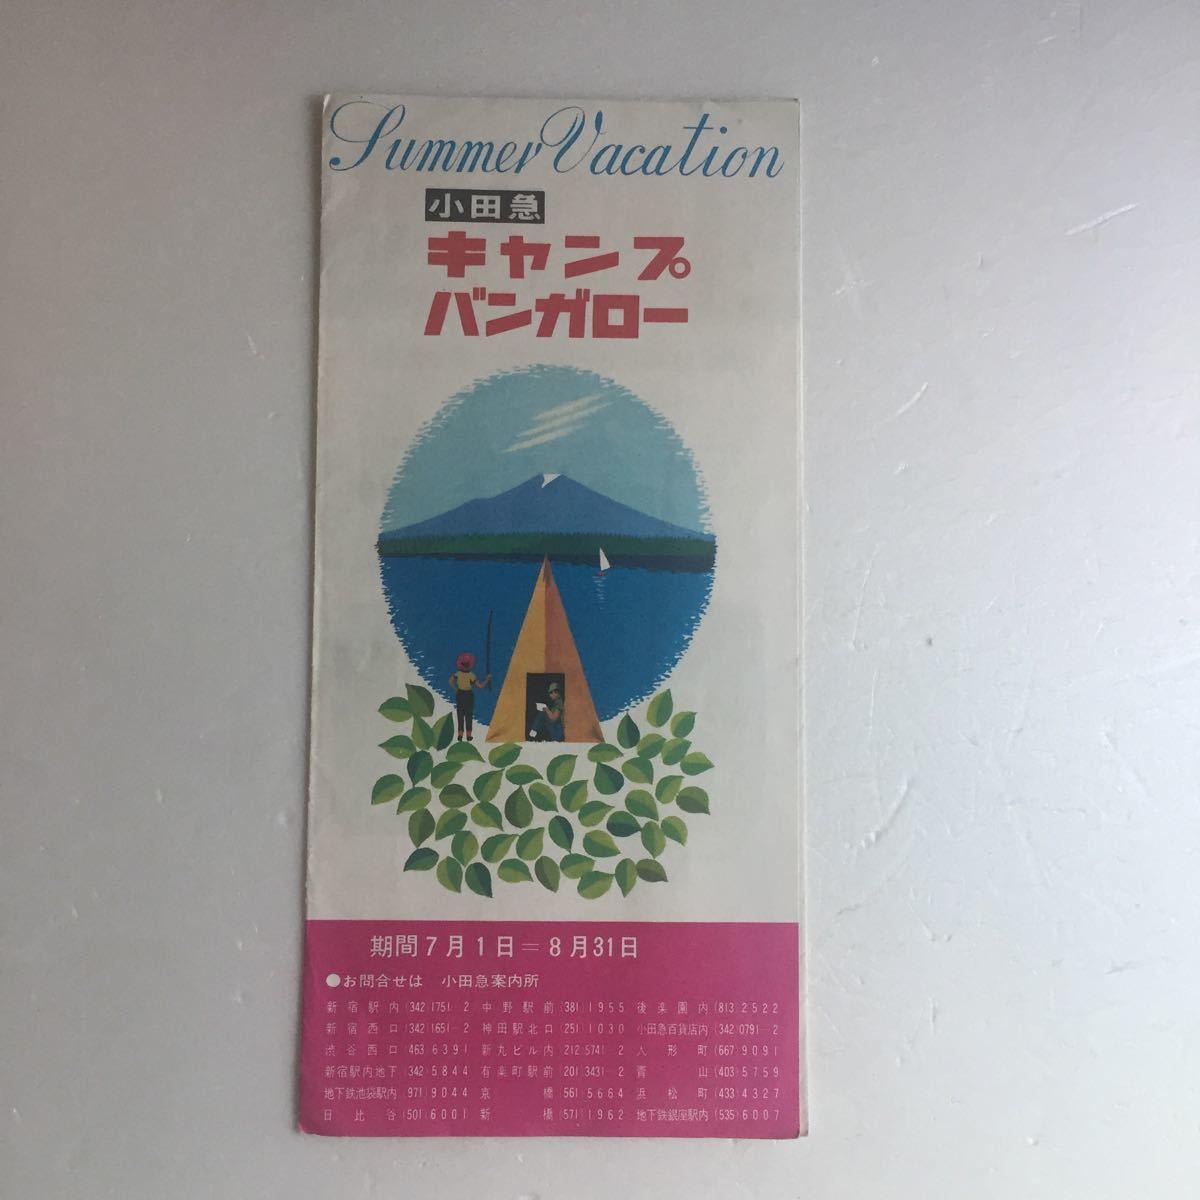 昭和レトロ 小田急キャンプ バンガロー 案内パンフレット 地図 料金表 当時物資料 アンティーク印刷物_画像1